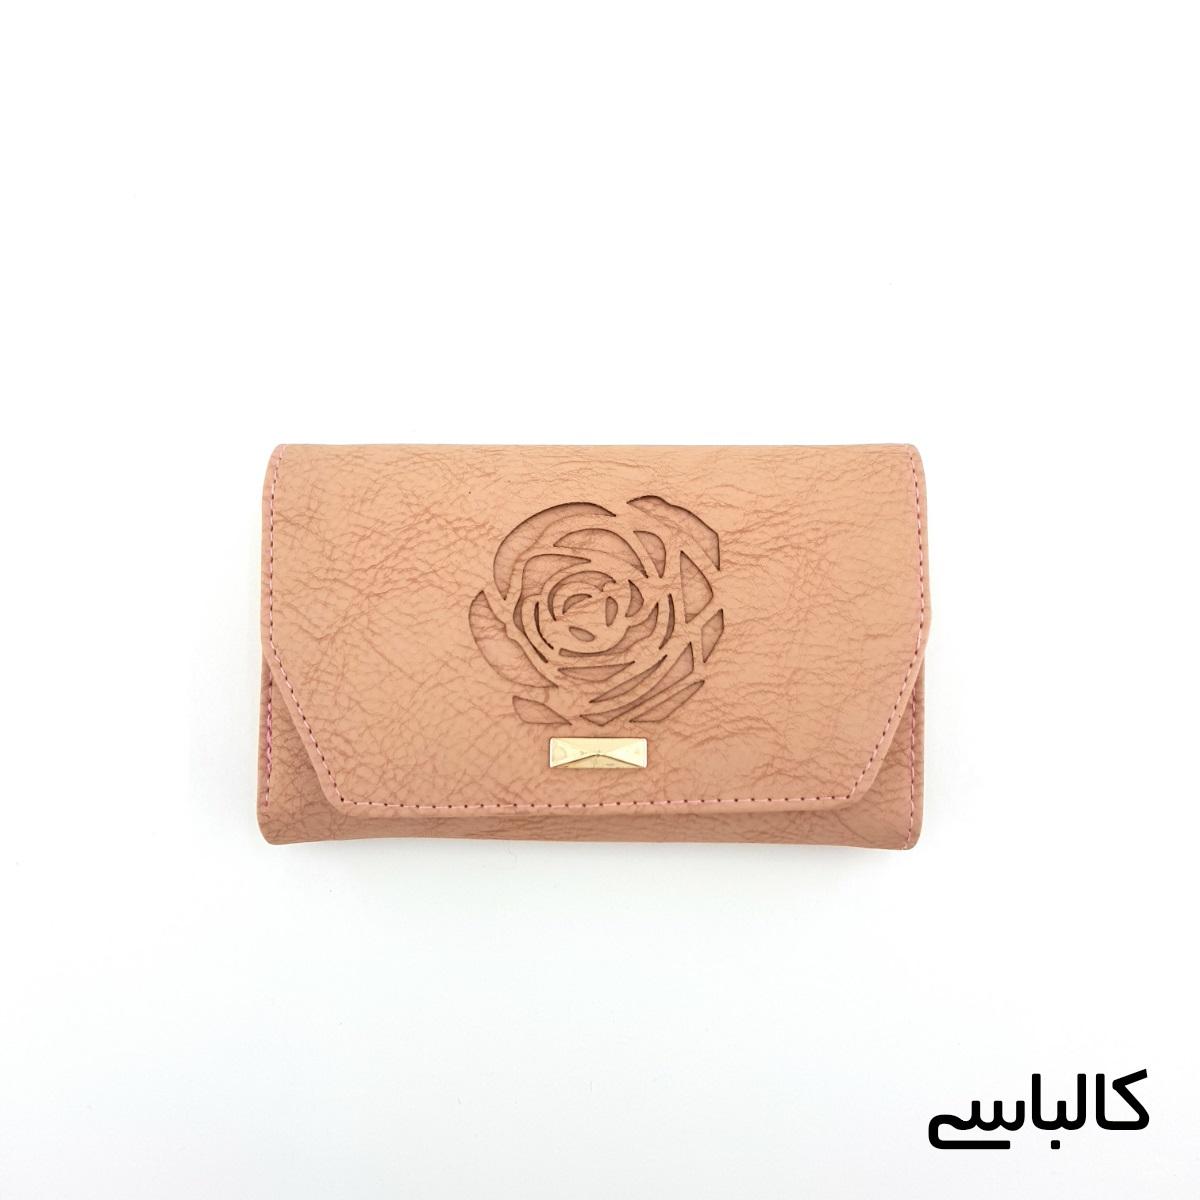 کیف پول زنانه طرح گل رز -  - 14